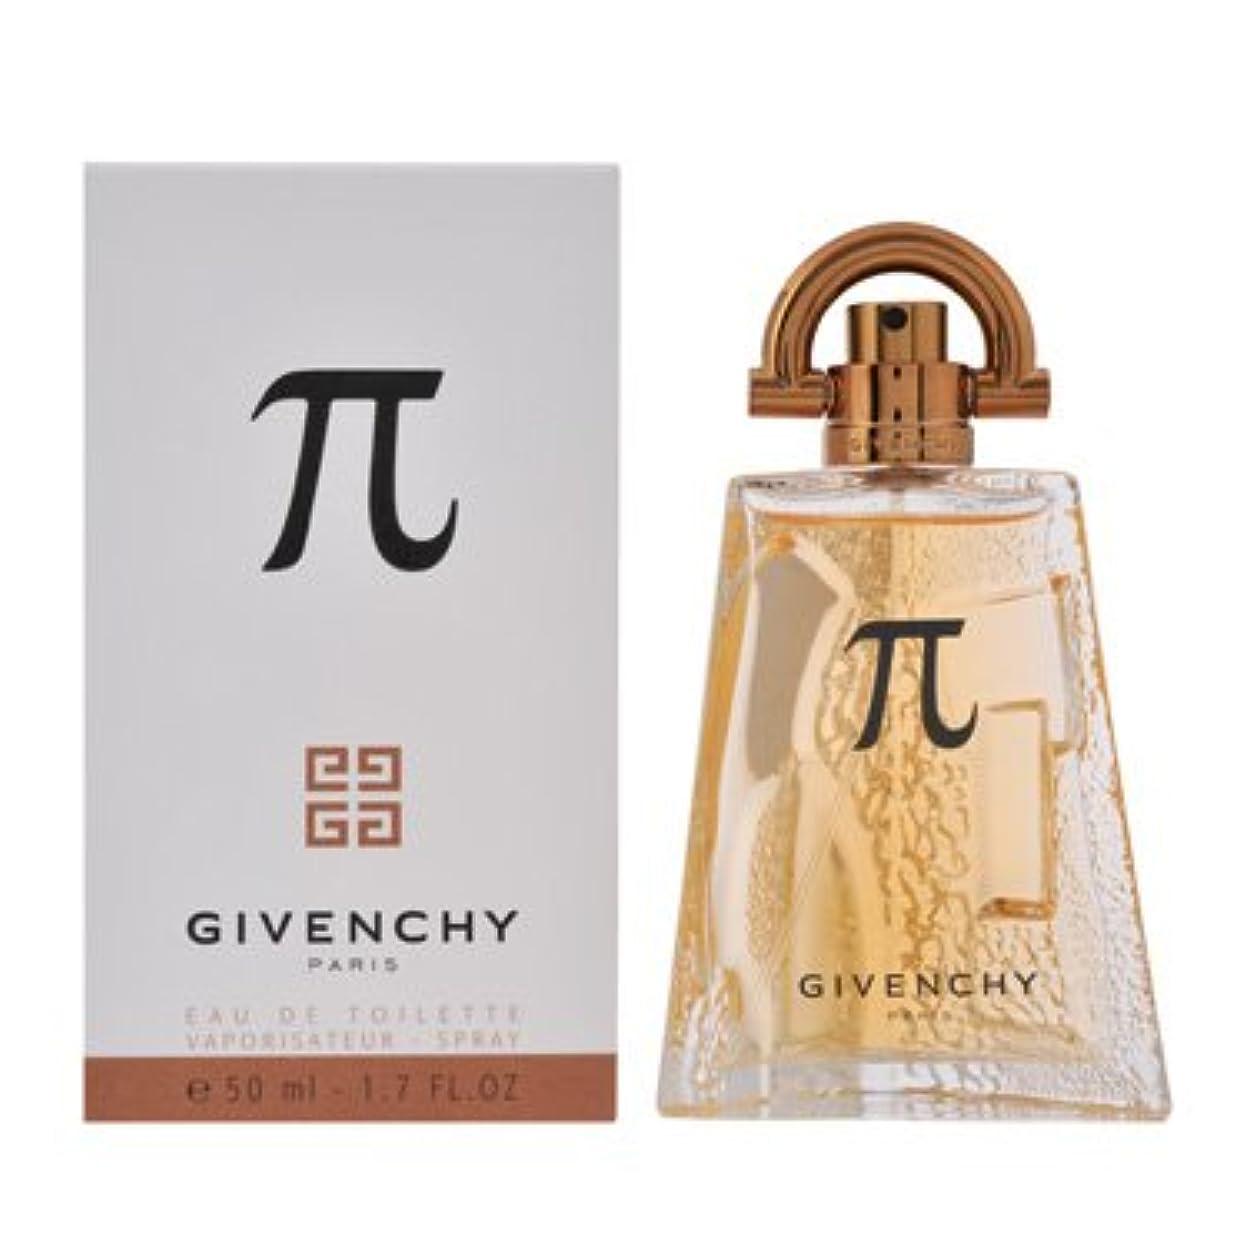 波それら切り下げGIVENCHY(ジバンシイ) GIVENCHY ジバンシイ パイ EDT/50mL3274878222551 香水 フレグランス 香水?フレグランス